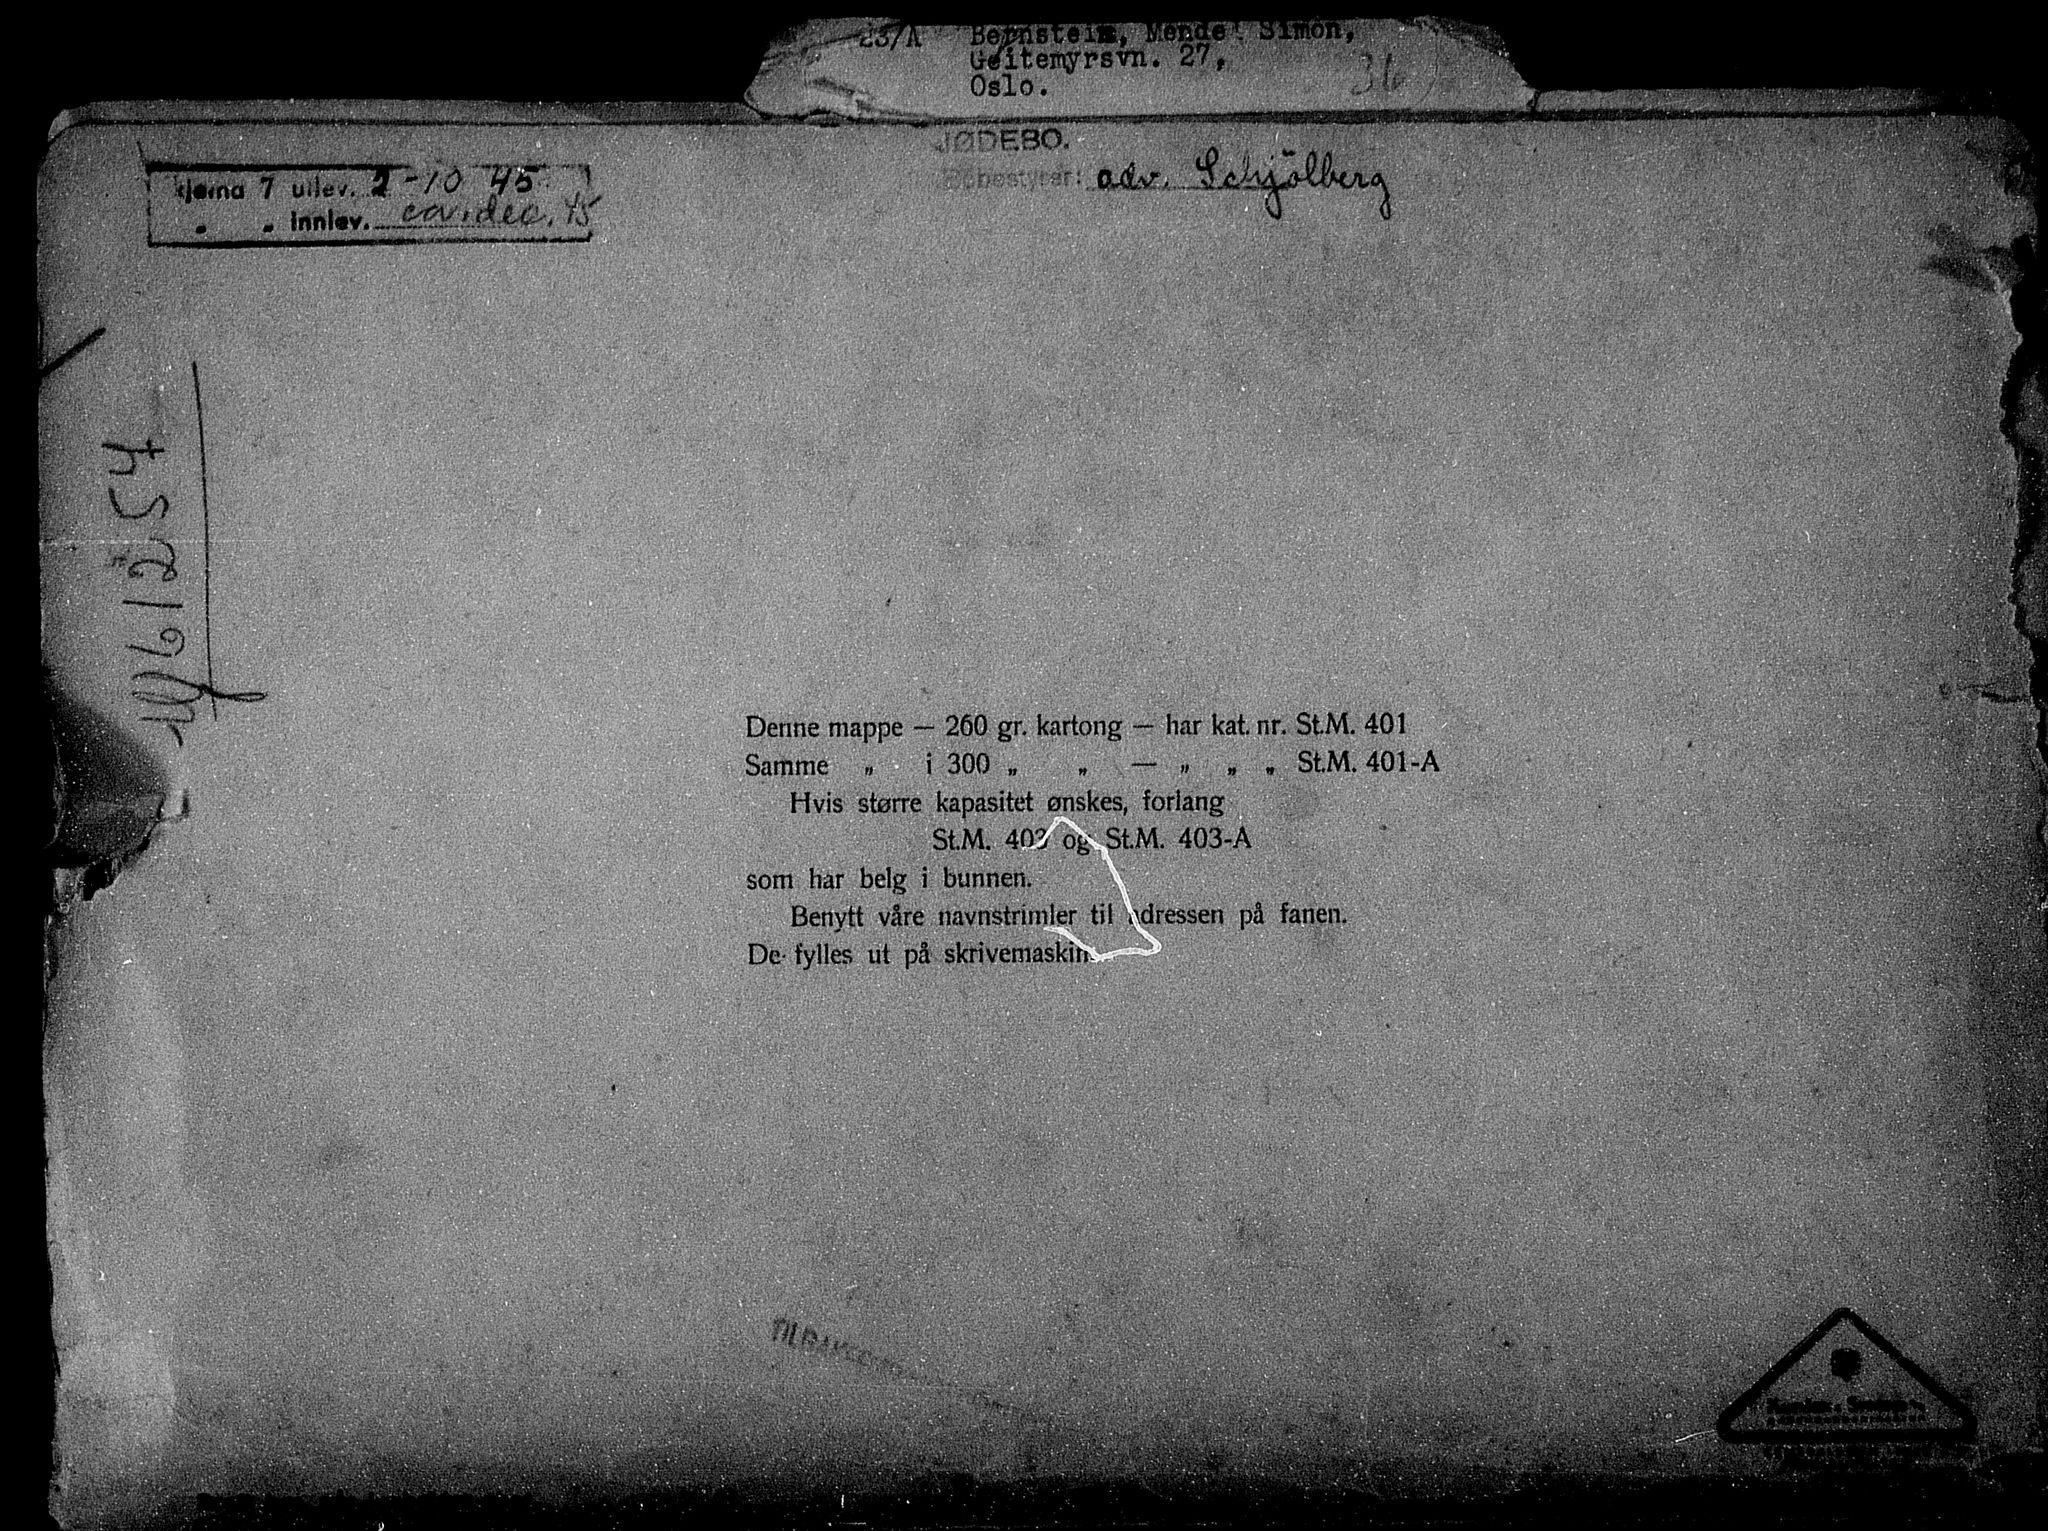 RA, Justisdepartementet, Tilbakeføringskontoret for inndratte formuer, H/Hc/Hcc/L0923: --, 1945-1947, s. 2